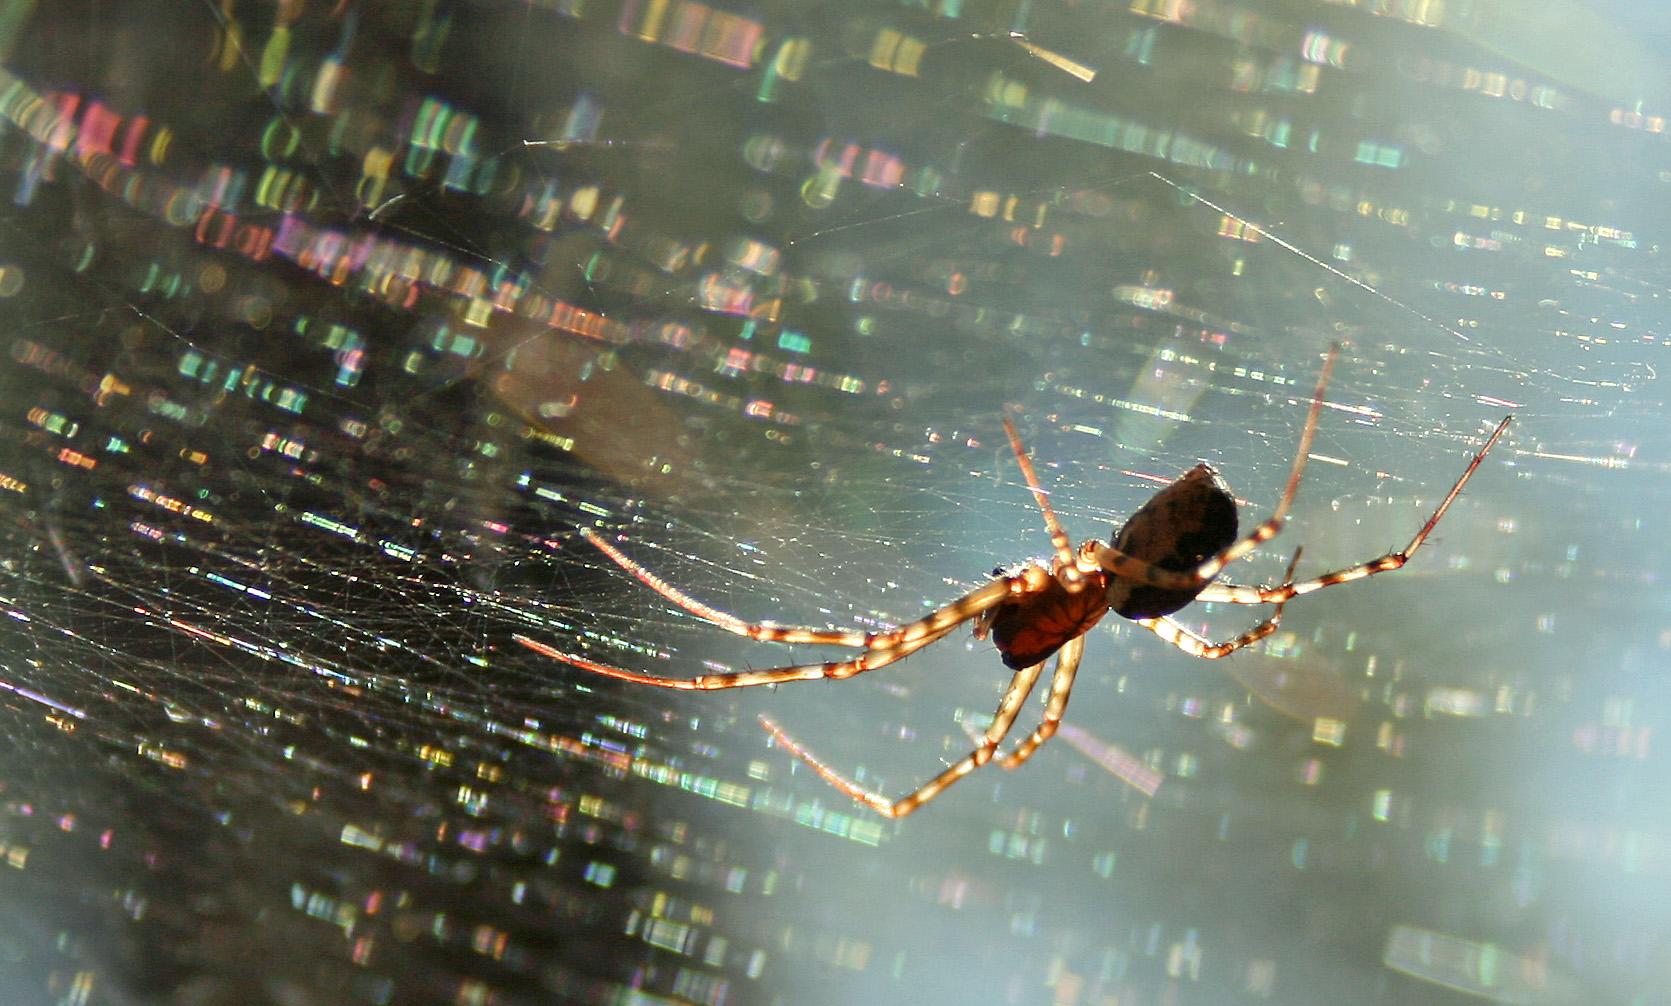 Faszinierend - trotz Spinnenphobie